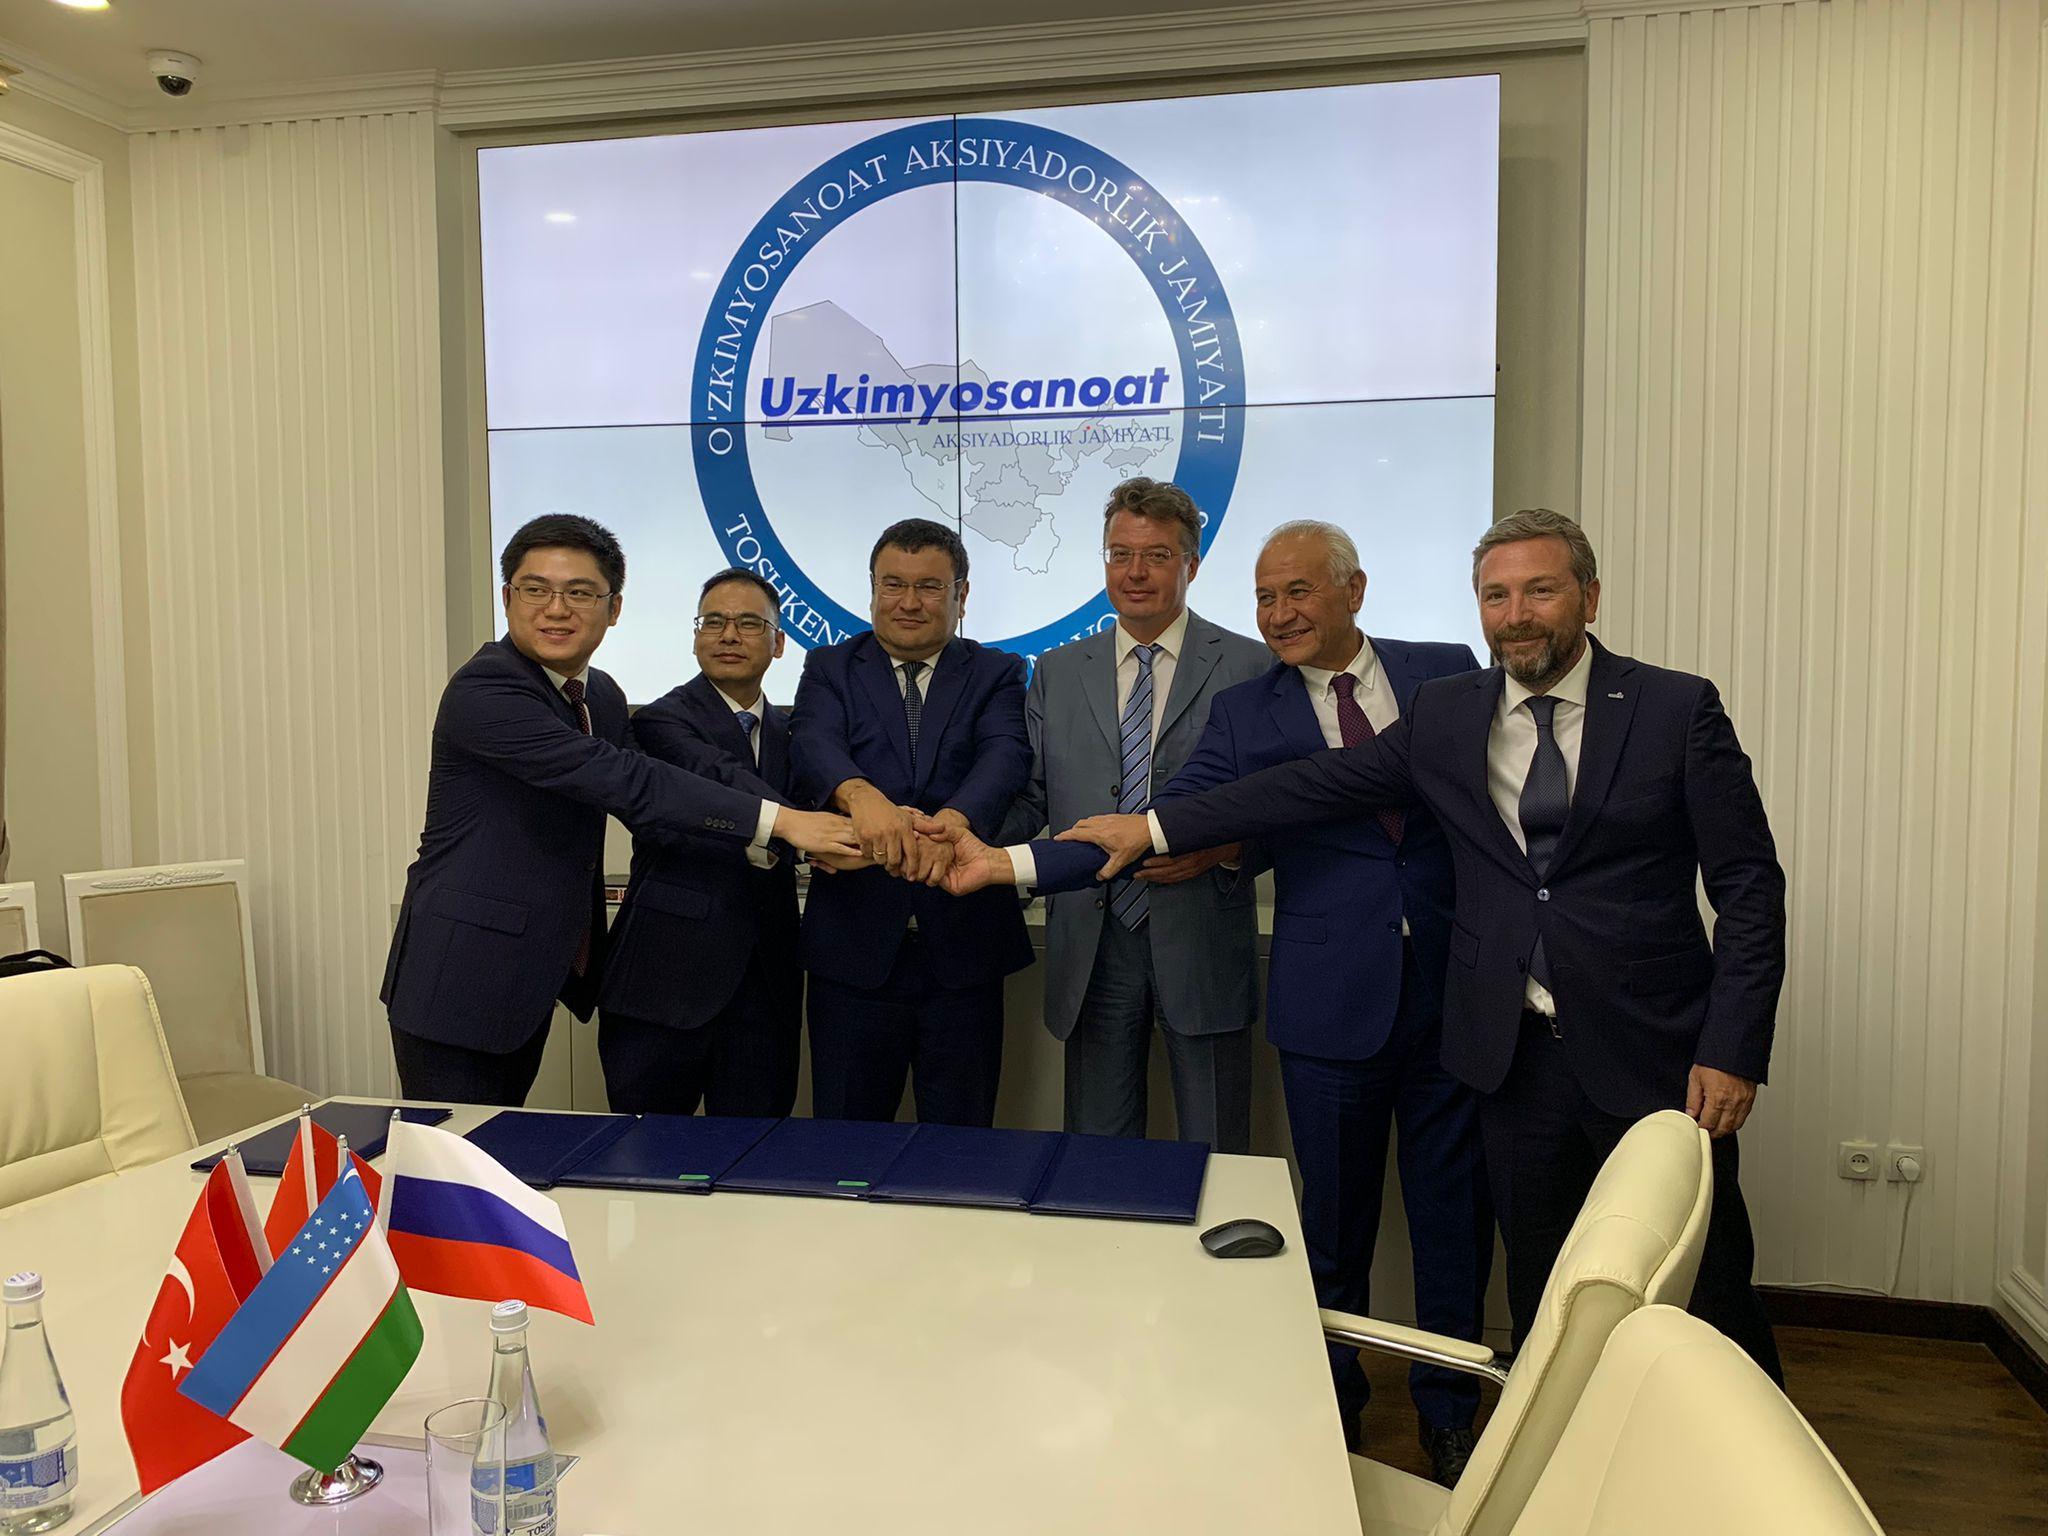 Gebkim, Uzkimyosanoat ve Tataristan Ticaret Ofisi Arasında İşbirliği Anlaşması